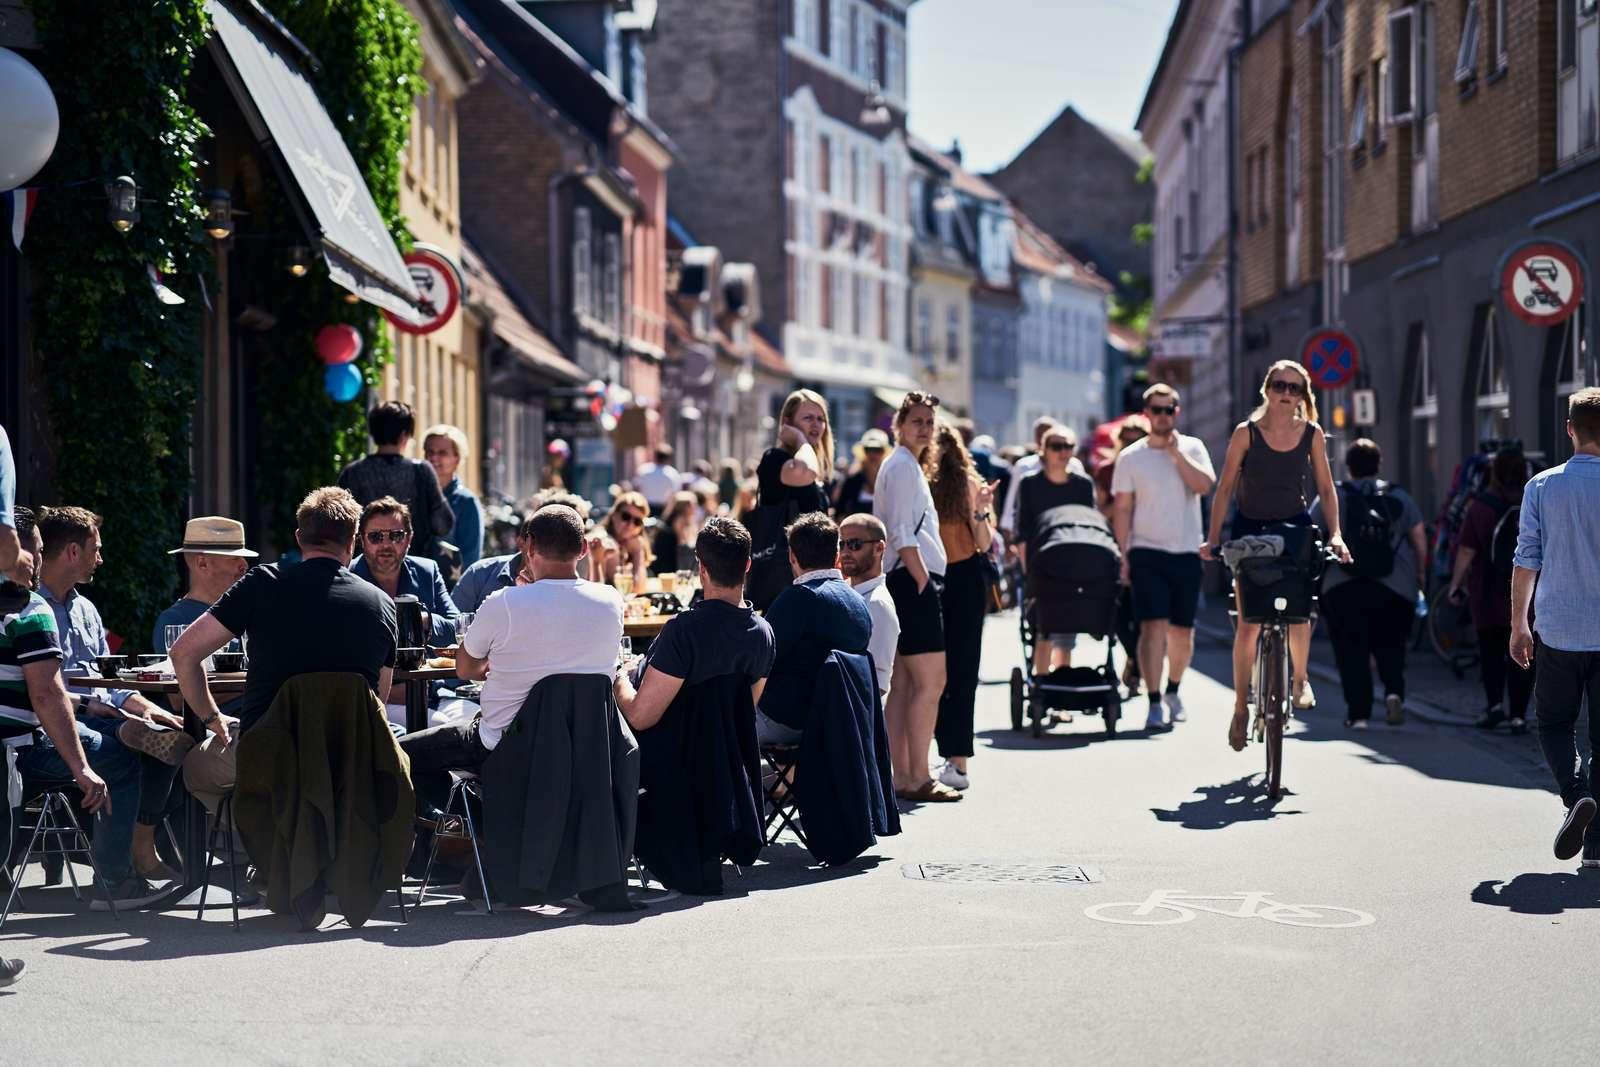 Straßen-Café im Latinerkvarteret in Aarhus, Kulturhaupstadt 2017. © RUNI Photopop, visitaarhus.com